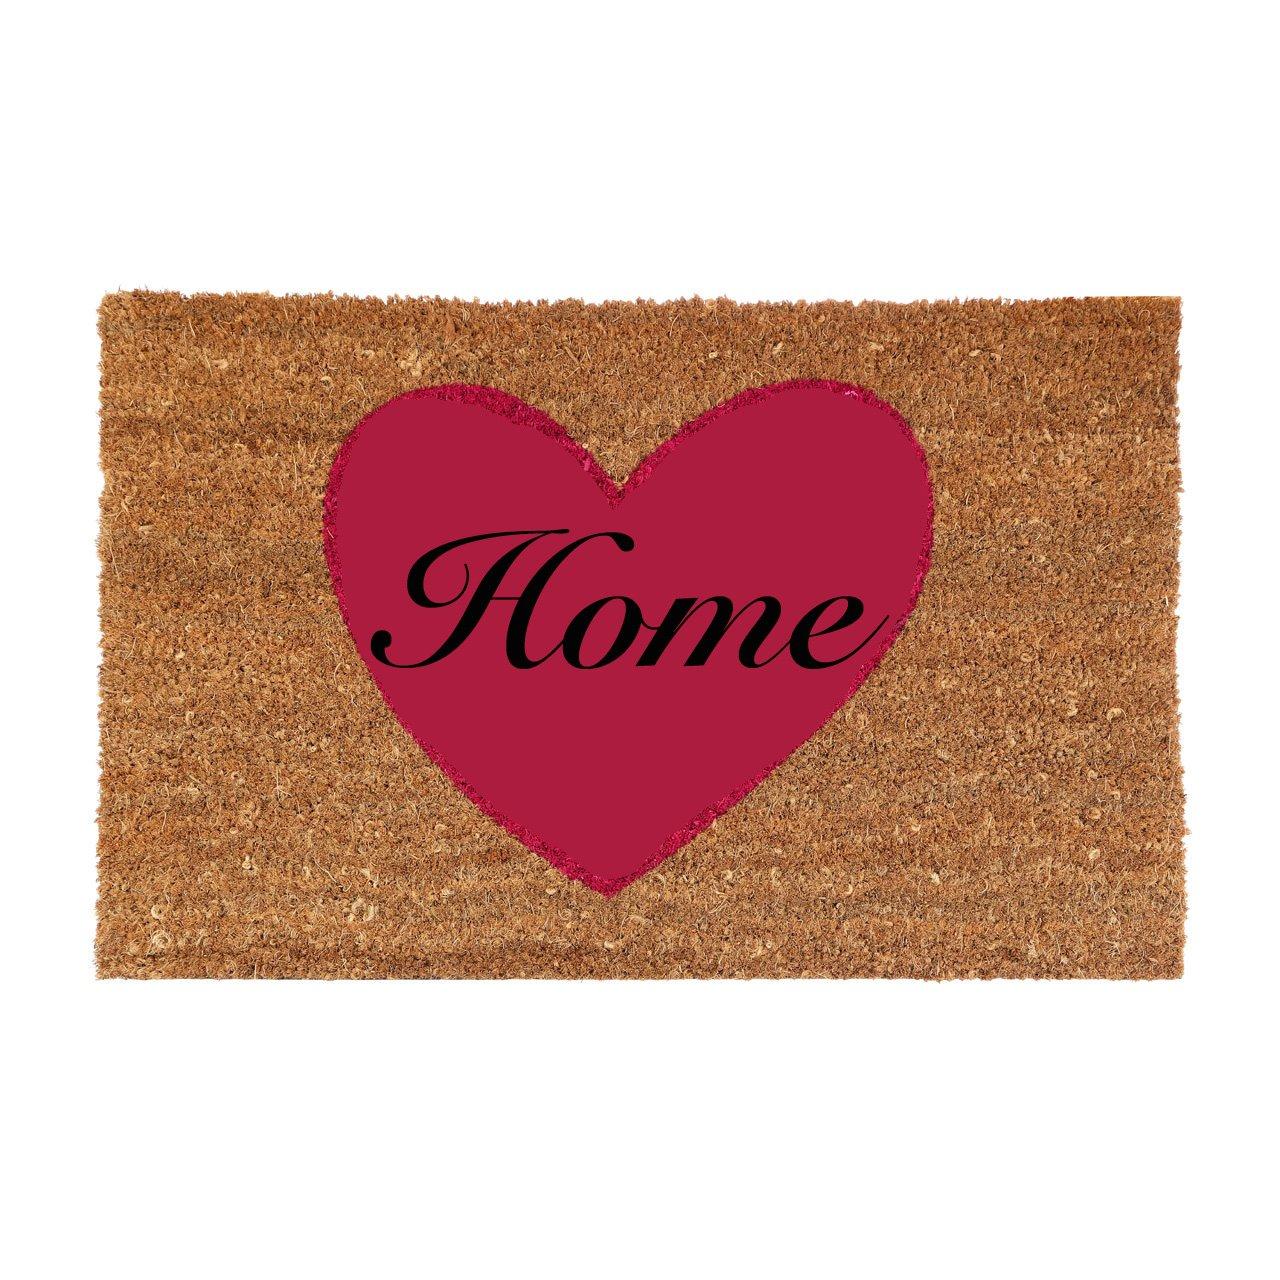 New Style Doormats 60 x 40cm Various Design Coir Doormat Prime Homewares® (Green Polka Doormat)